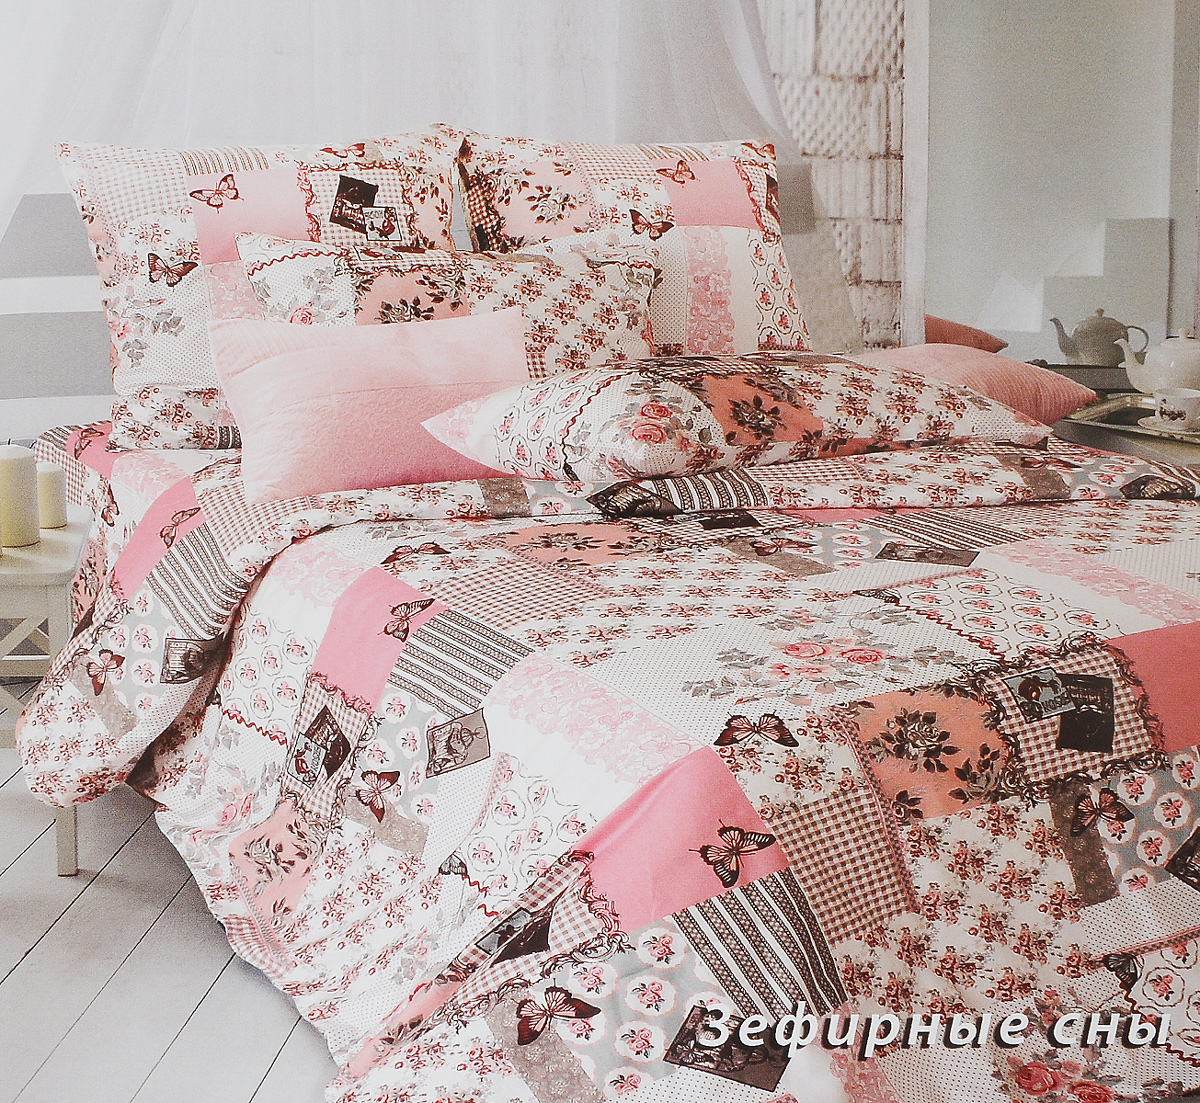 Комплект белья Tiffany's Secret Зефирные сны, 1,5-спальный, наволочки 70х70, цвет: розовый, белый, темно-коричневый комплект постельного белья tiffany s secret евро сатин зефирные сны